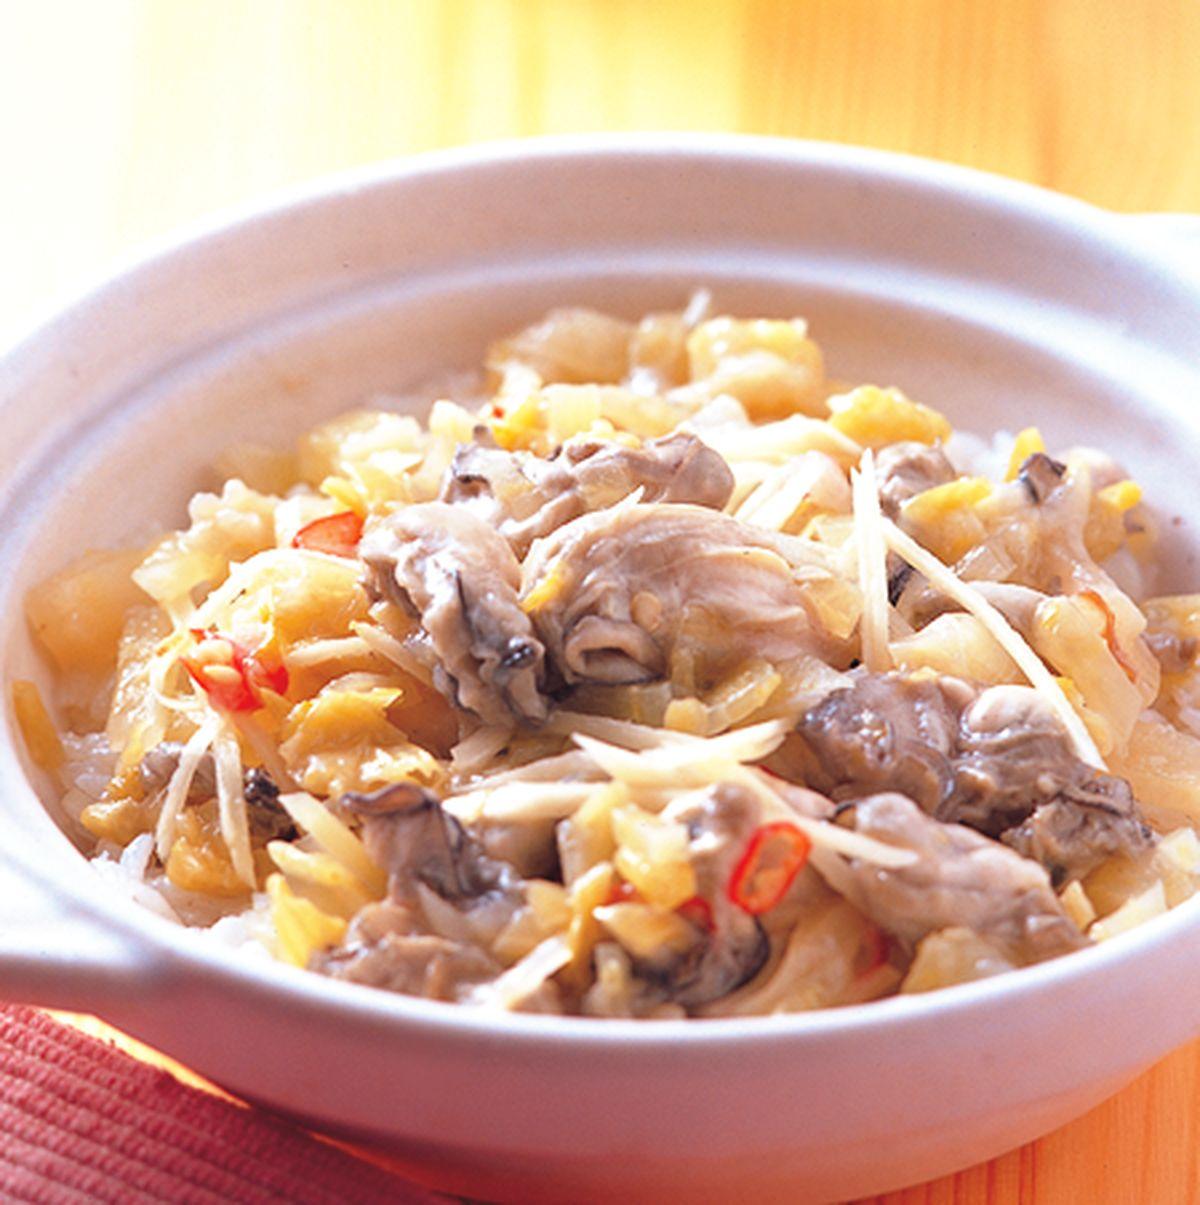 食譜:鹹菜蚵仔煲飯